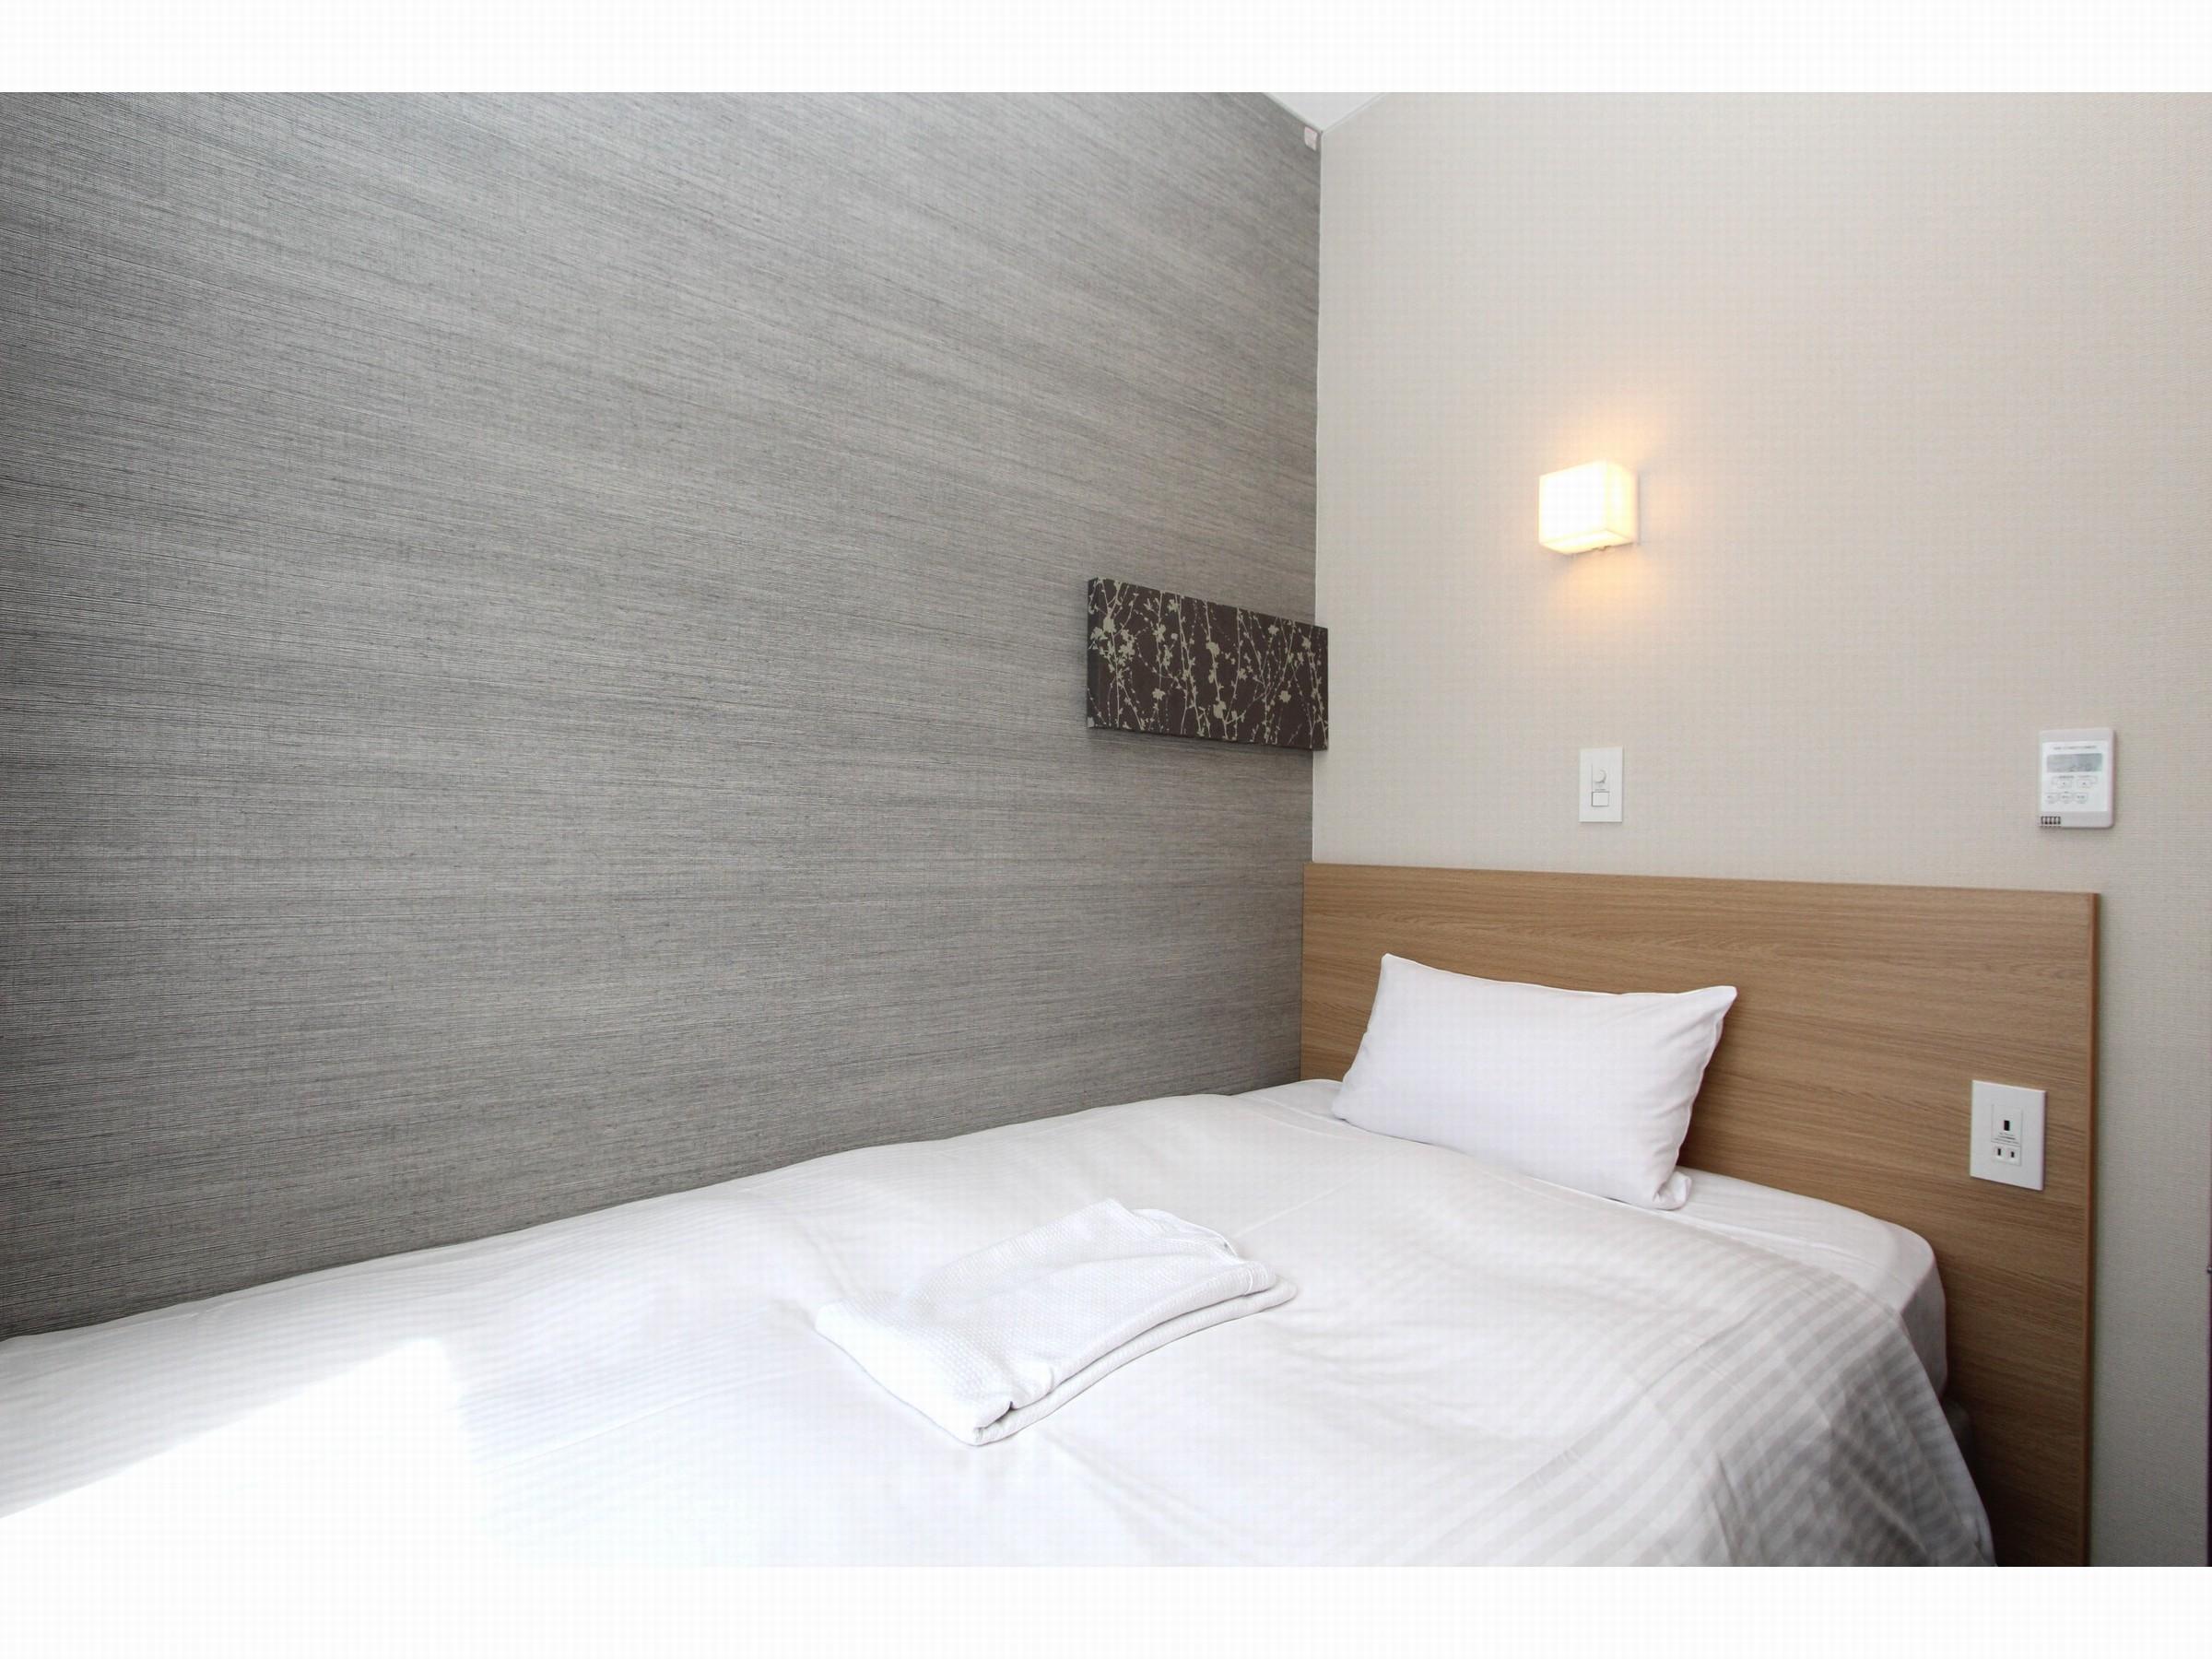 スマイルホテル青森 / シンプルステイプラン(朝食バイキング付)【全室Wi-Fi&LAN完備】